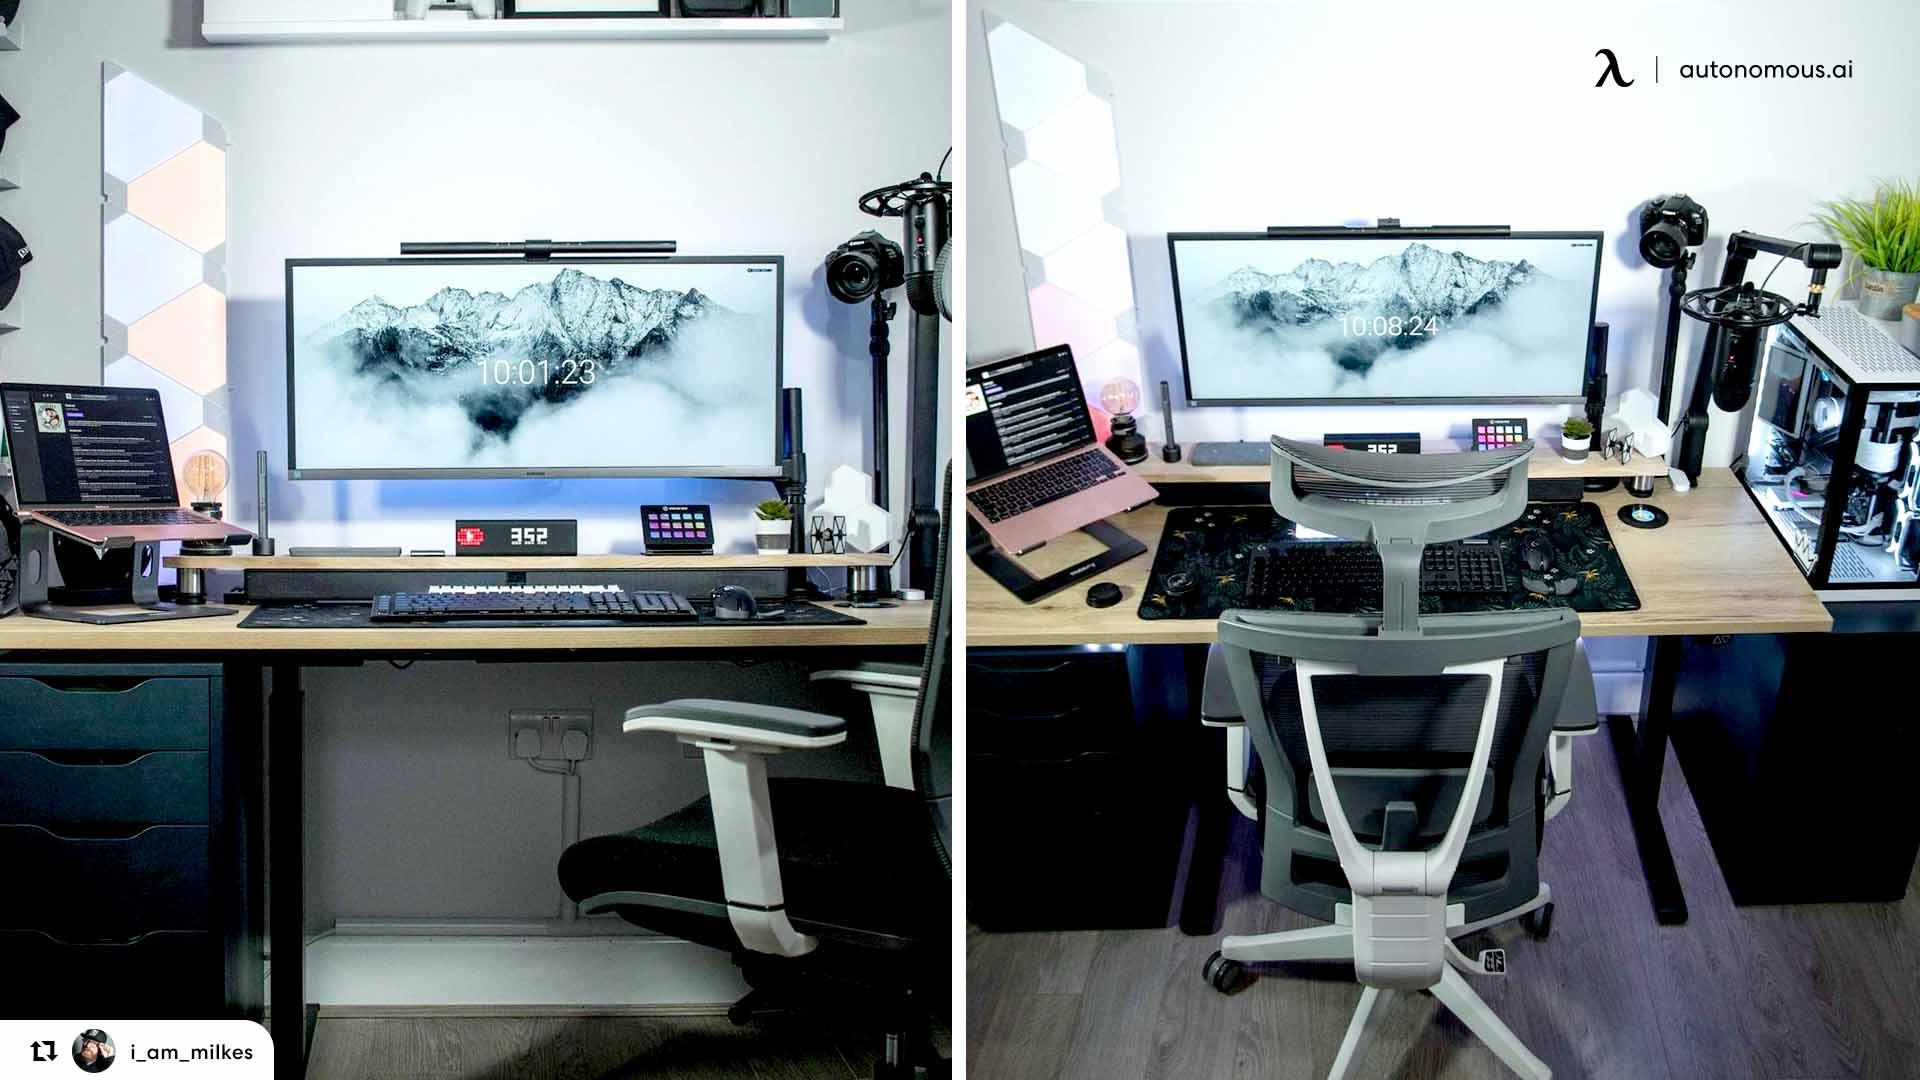 Workstation or Laptop